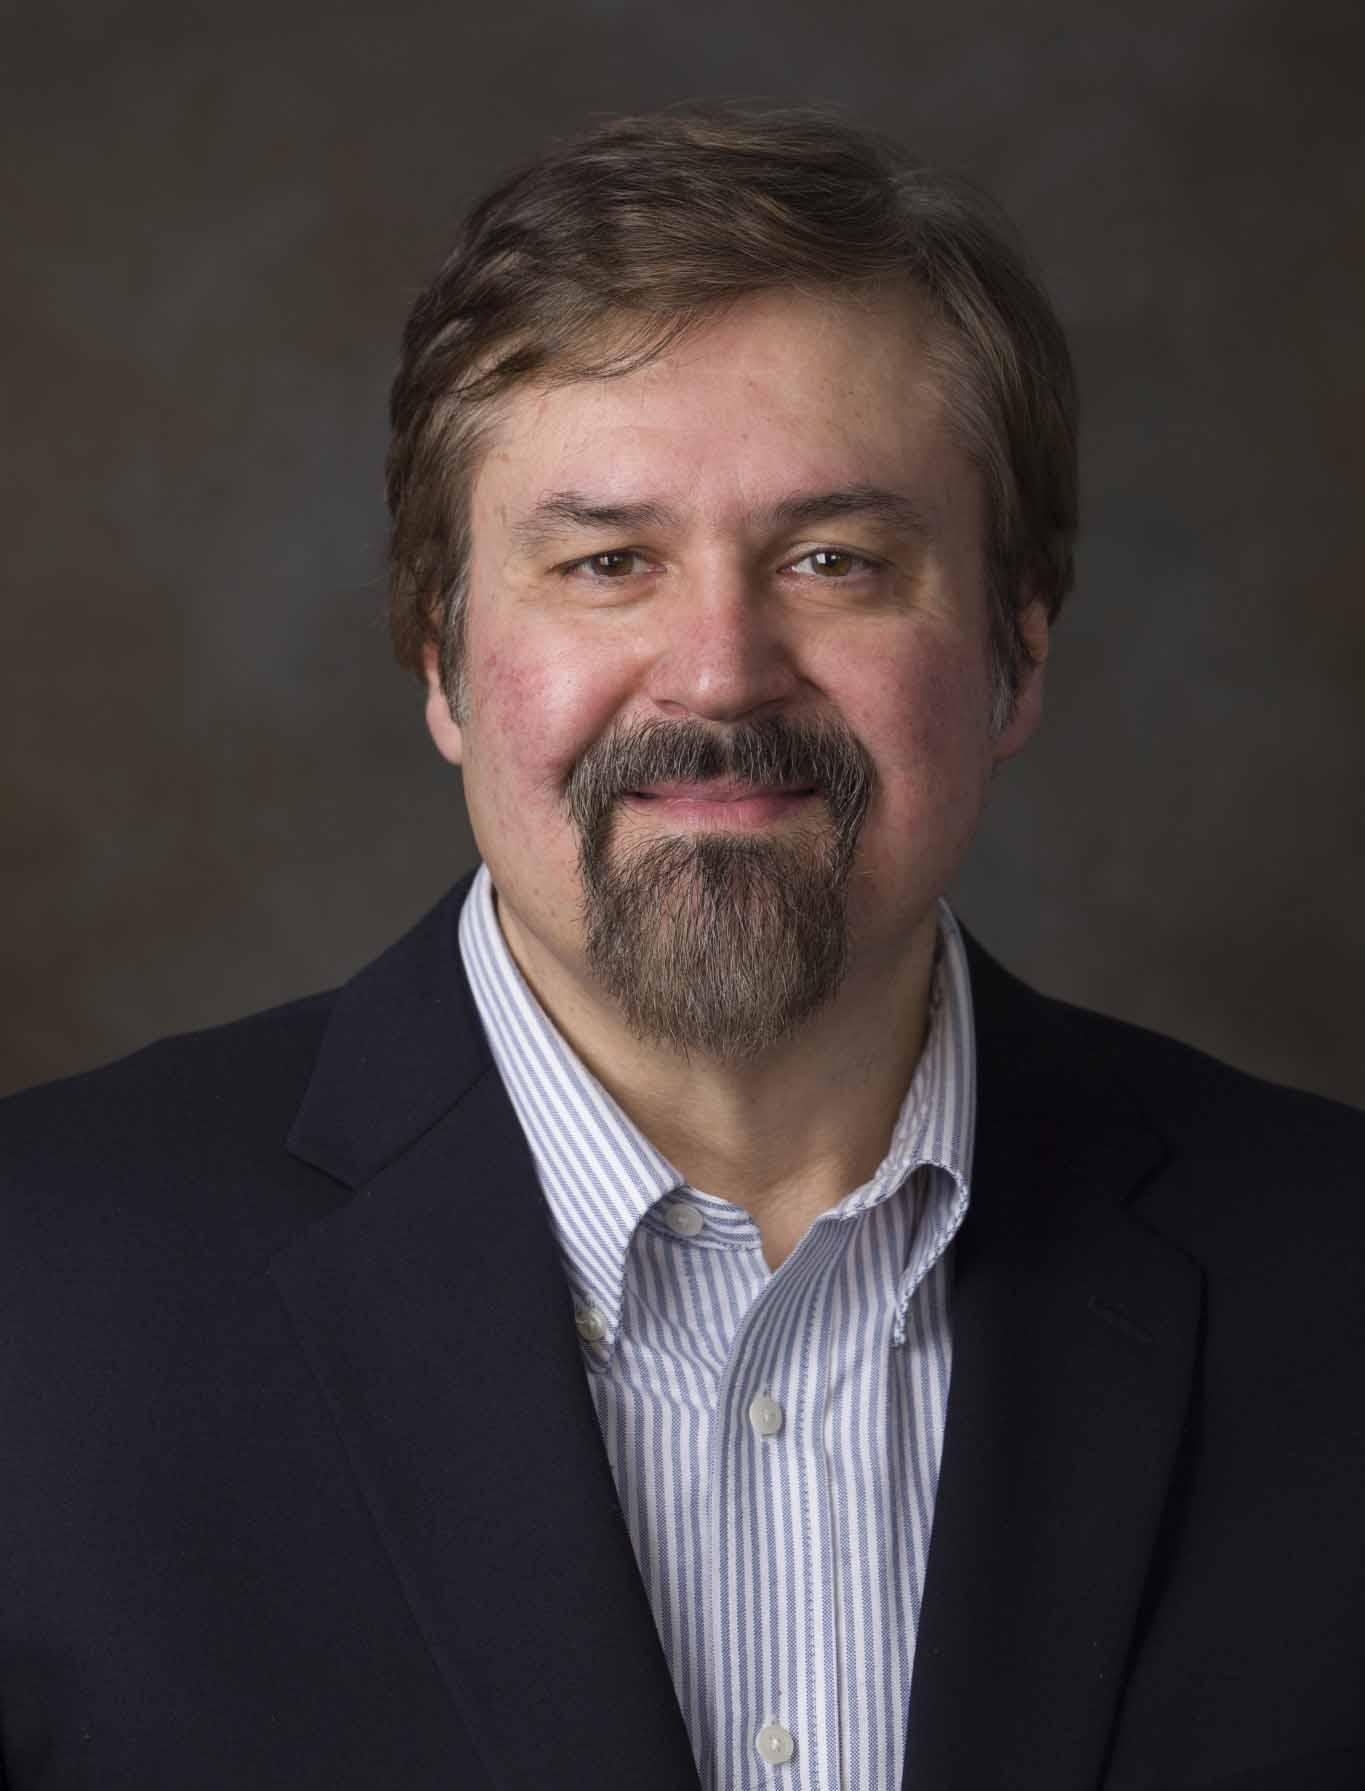 Dr. Jacob Tebes